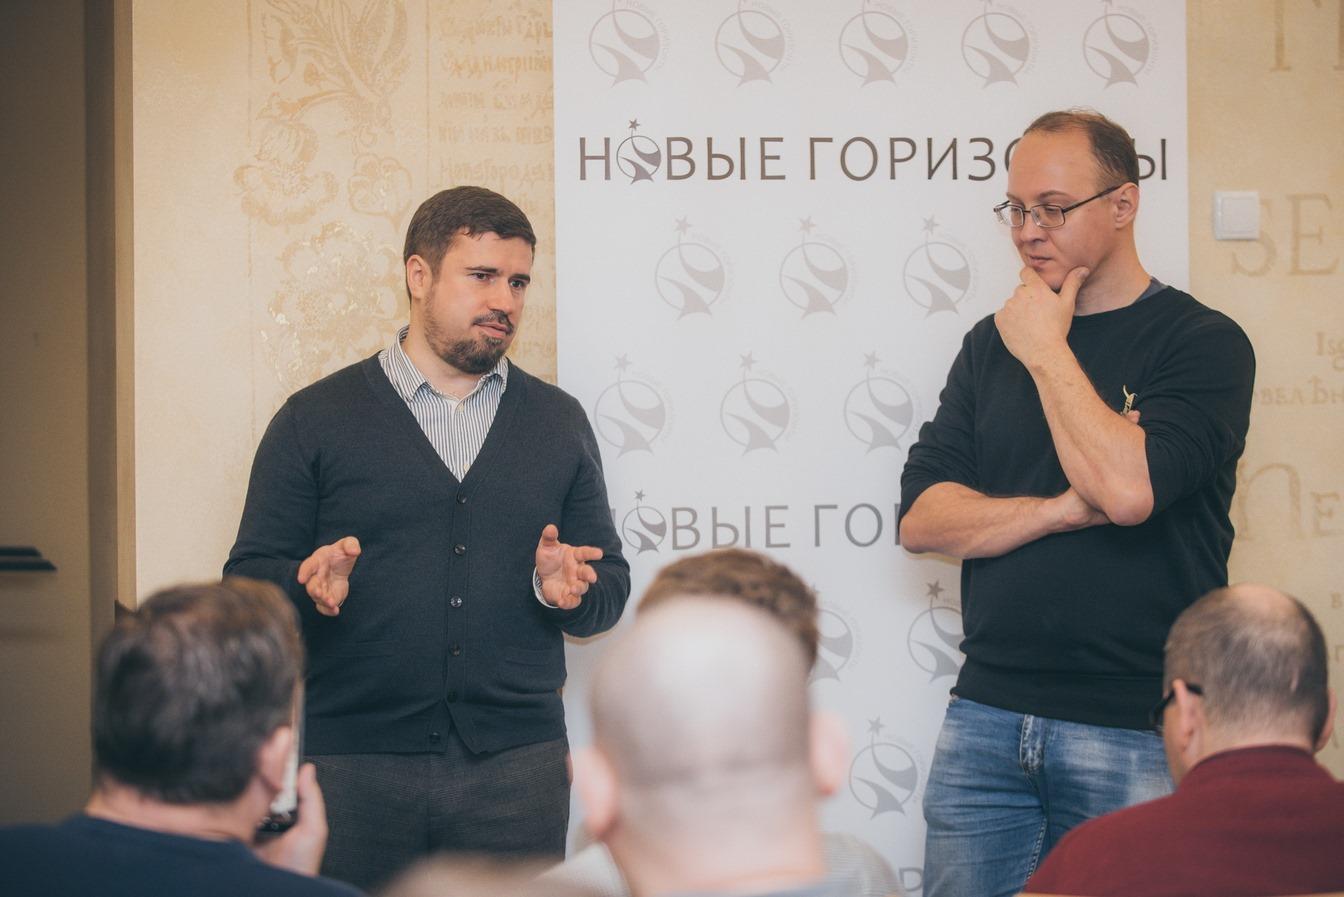 Организаторы премии «Новые горизонты» открыли восьмой сезон 1